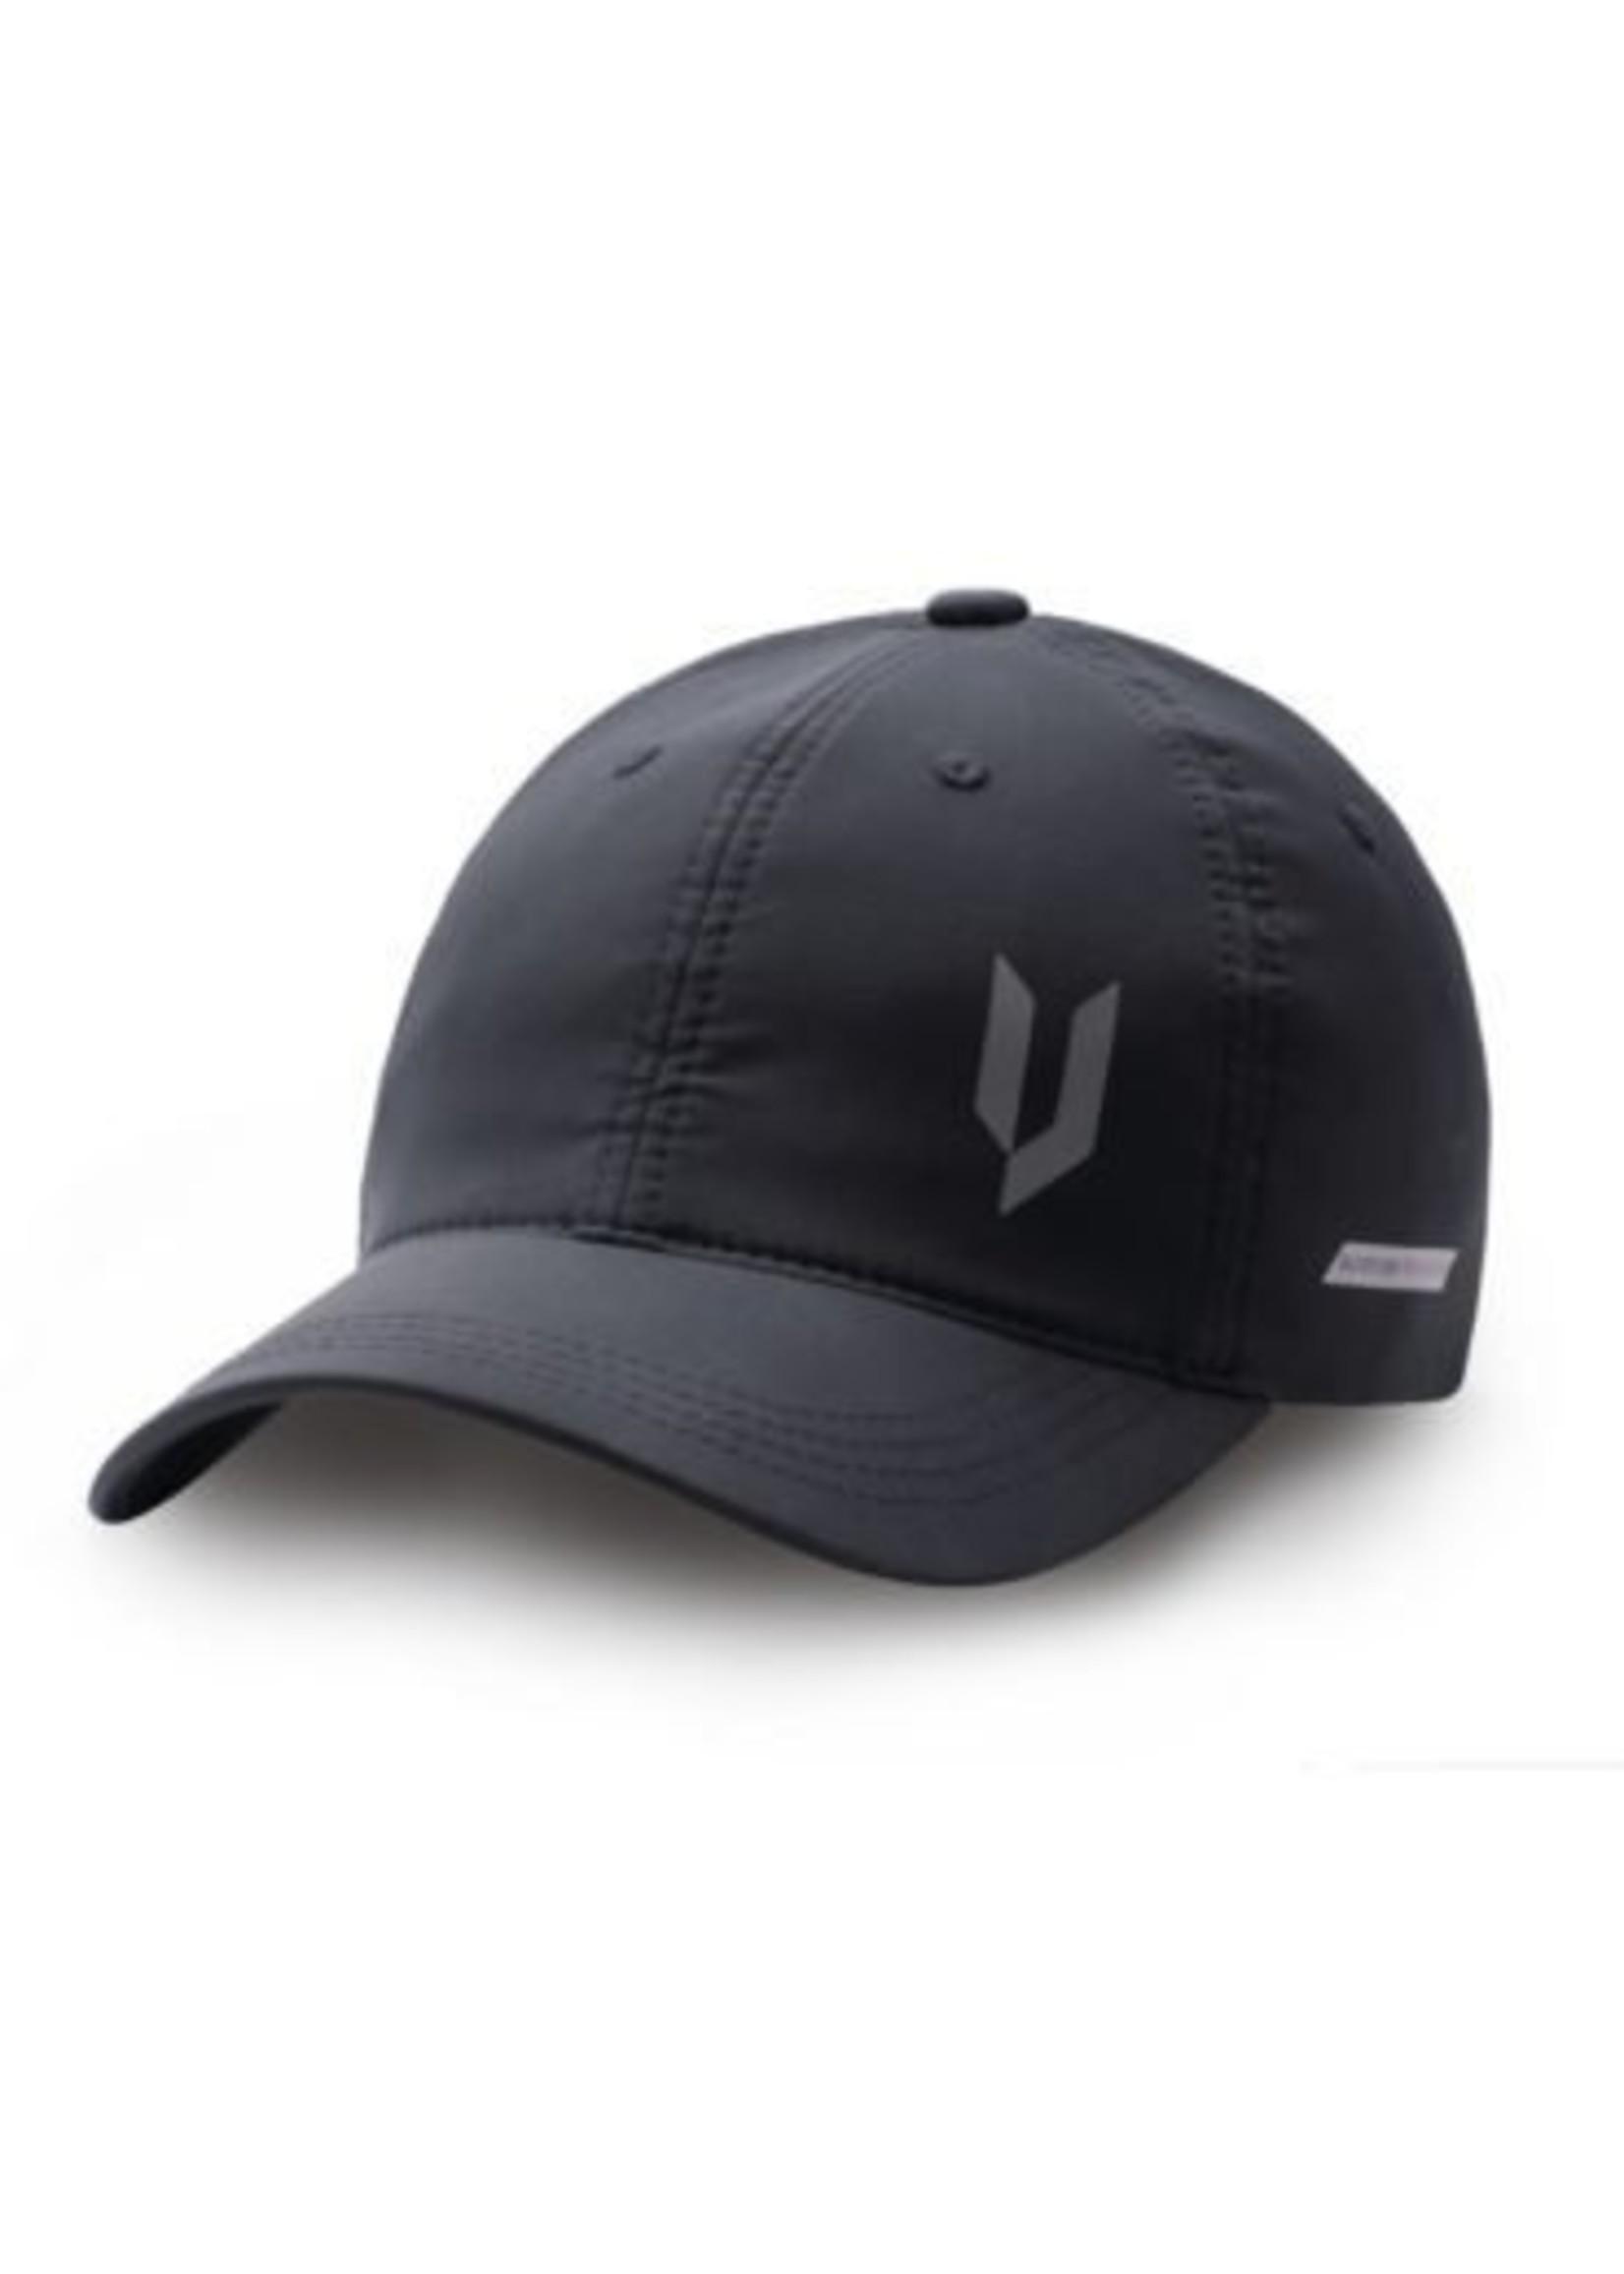 Iron Joc Iron Joc Hats